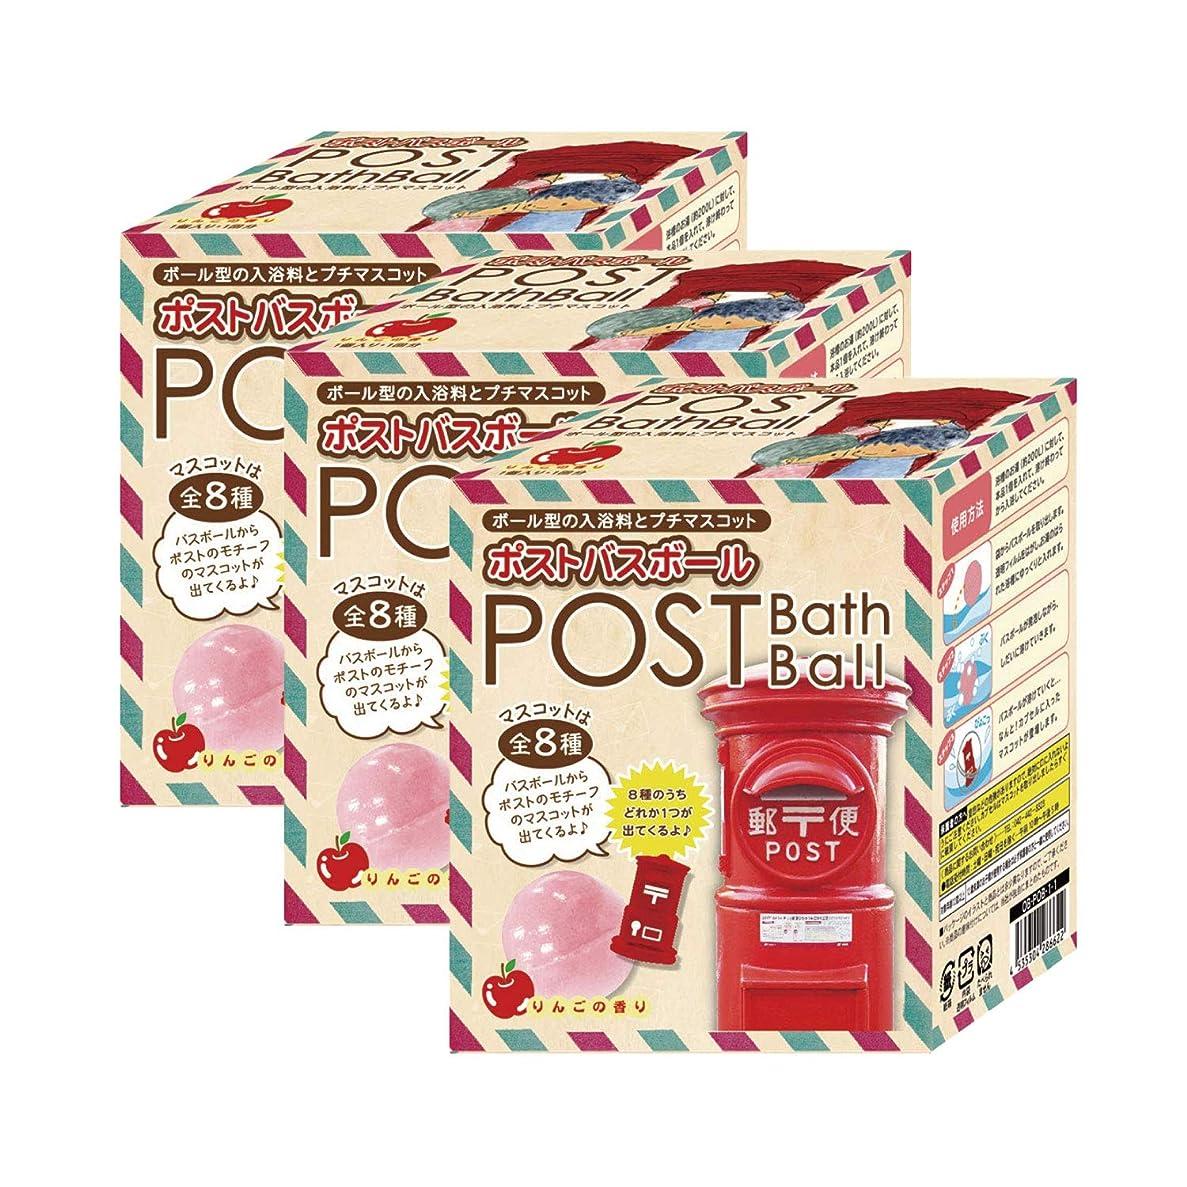 習慣シャンプー料理郵便ポスト 入浴剤 バスボール おまけ付き りんごの香り 60g 3個セット